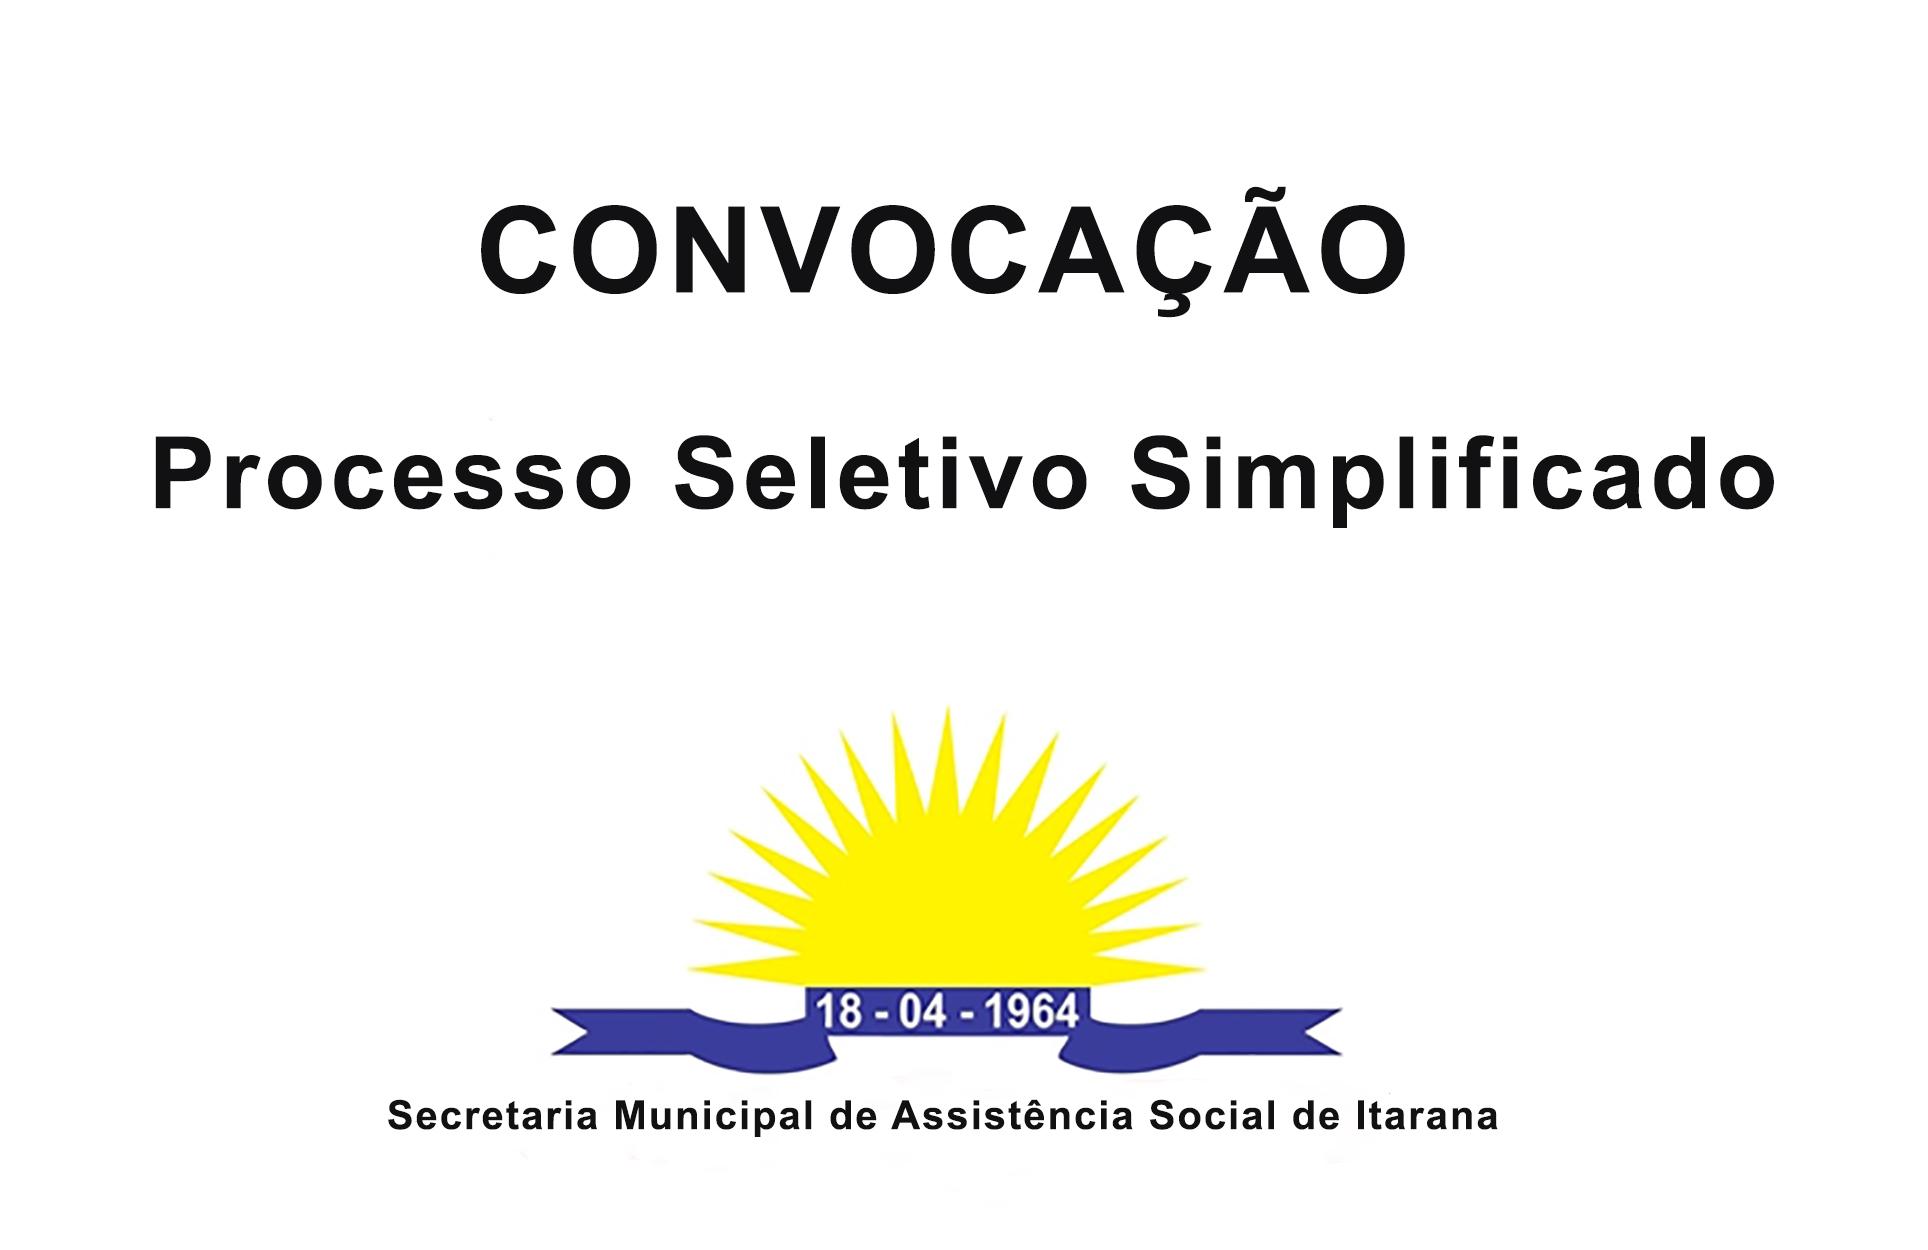 Assistência Social: Convocação Processo Seletivo Simplificado